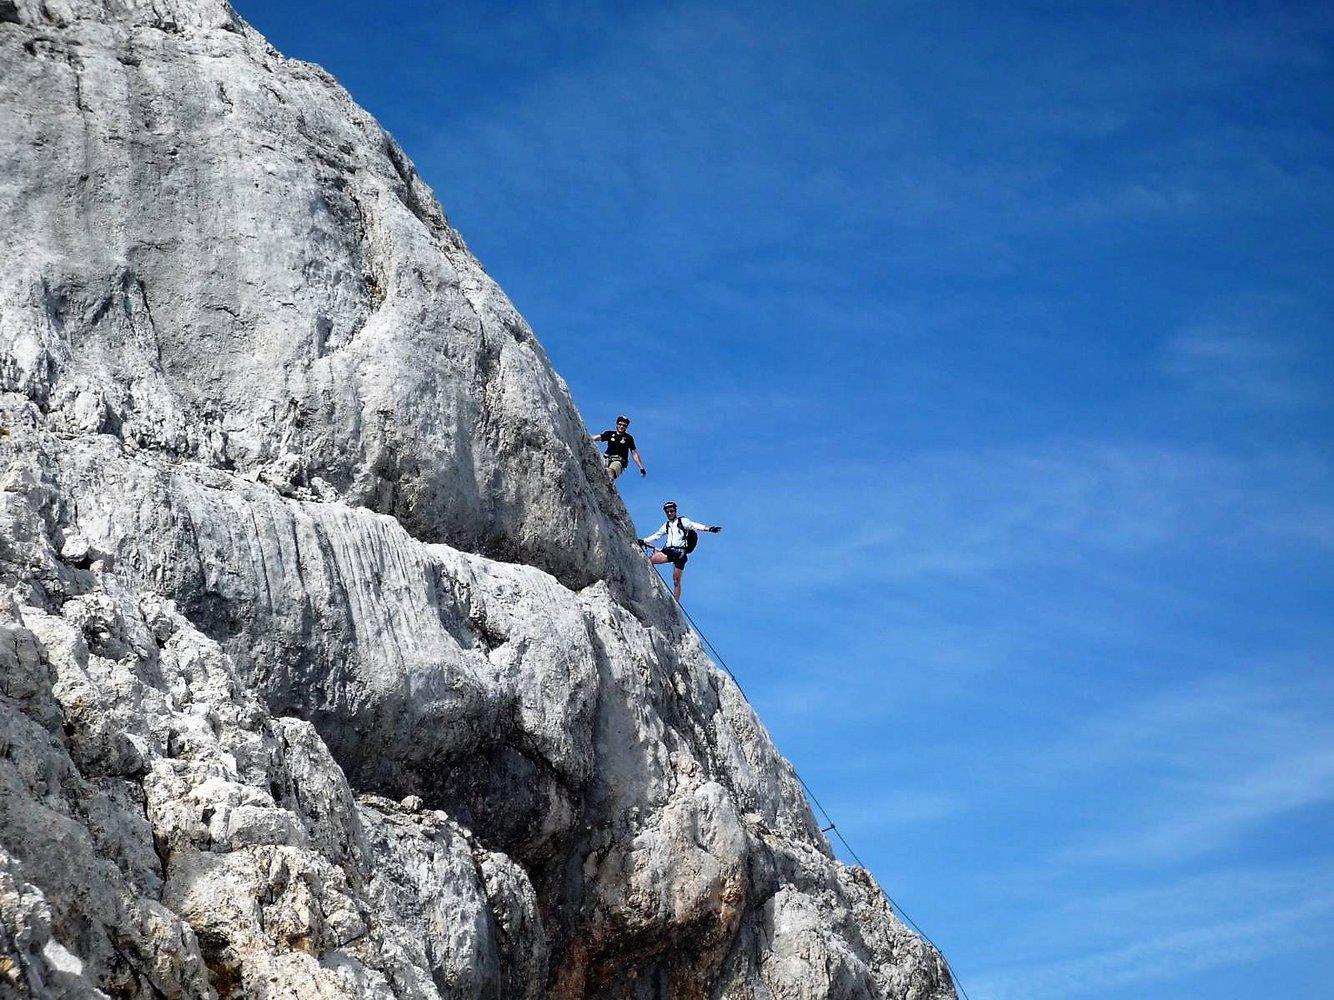 Klettersteig Dachstein : Schulter anstieg auf den dachstein schulteranstieg bergsteigen